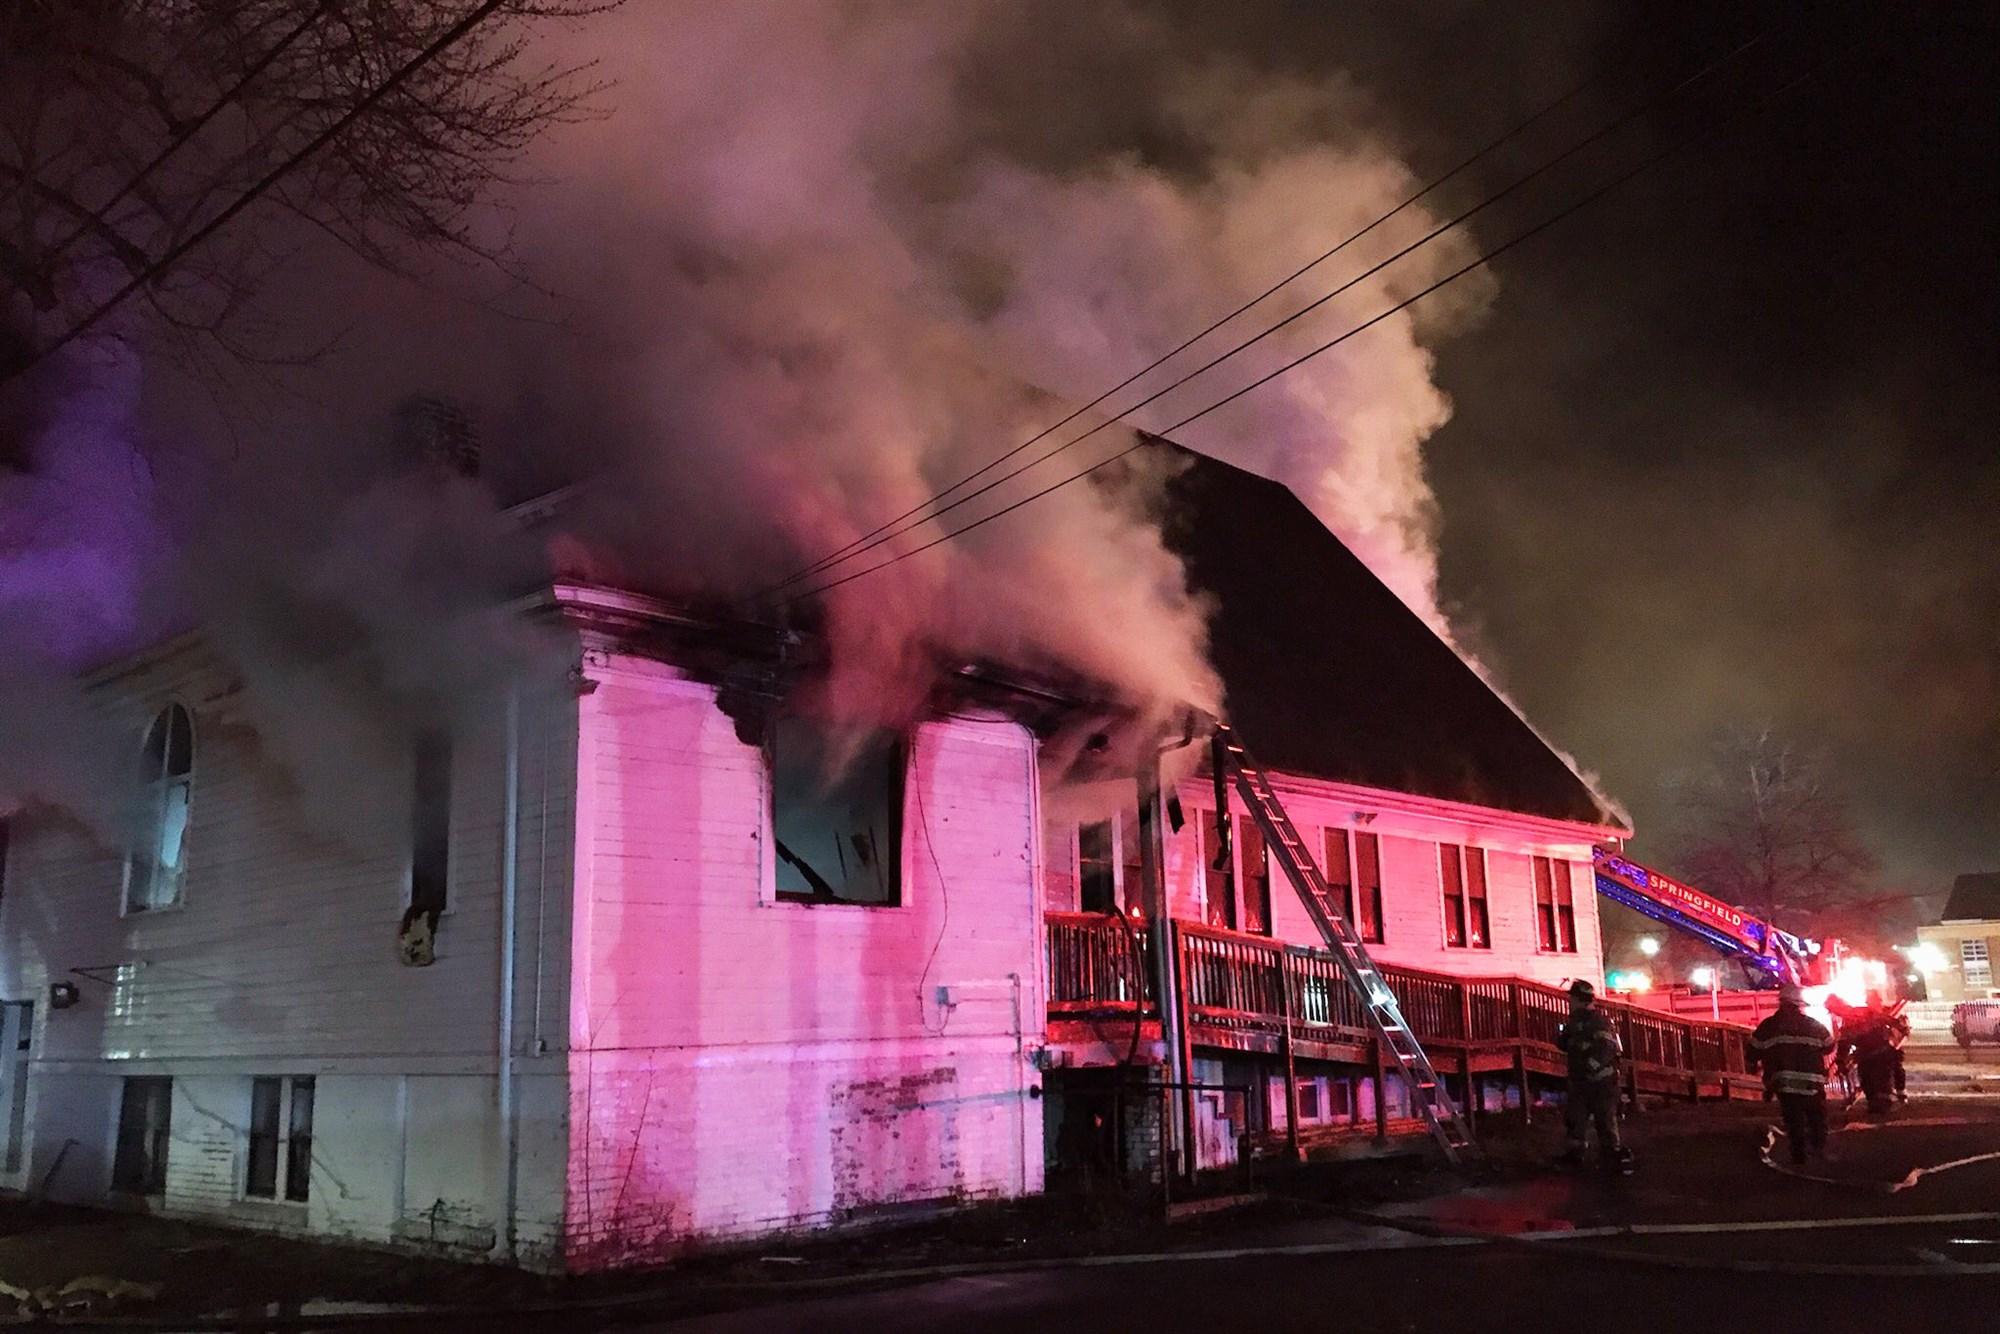 美国男子故意纵火烧毁黑人教堂 被控仇恨犯罪